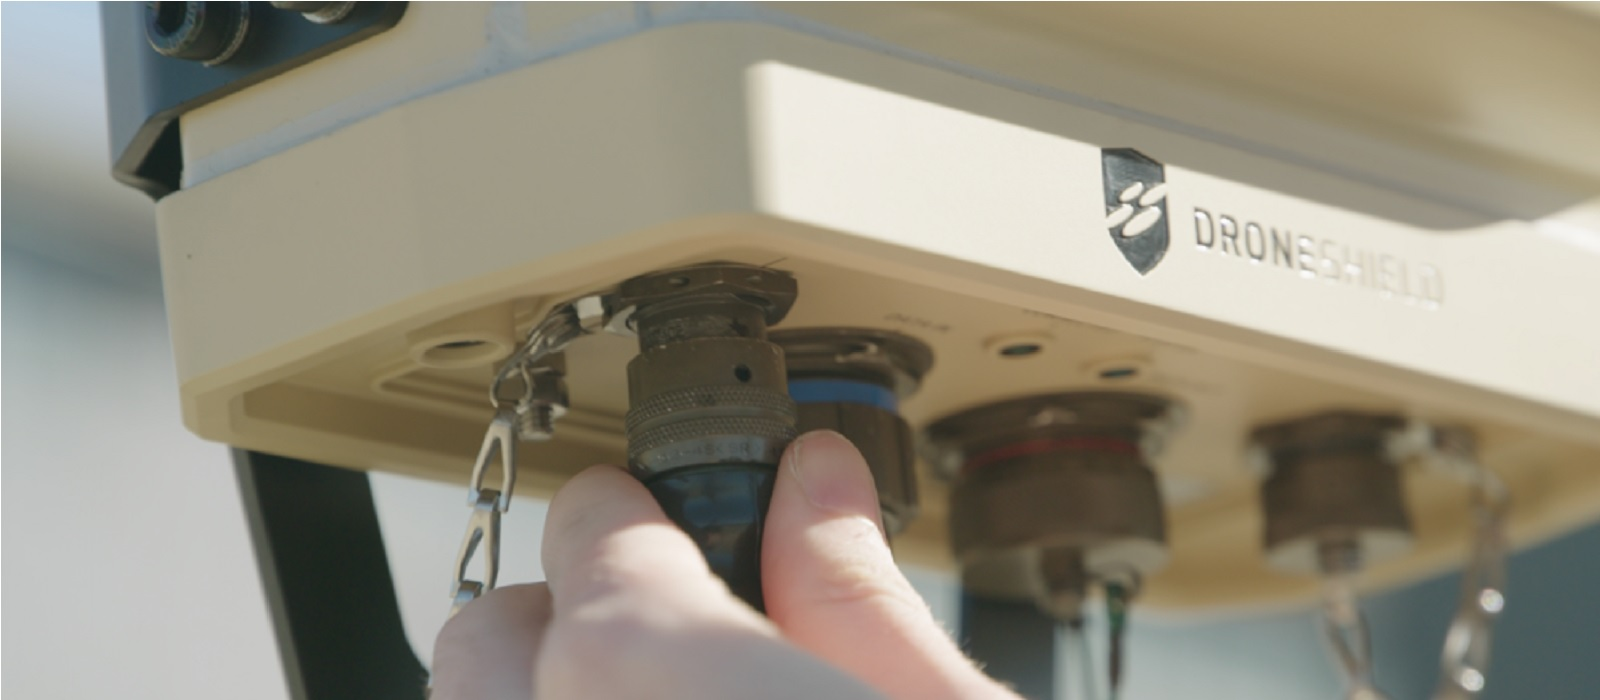 DroneShield внедряет технологию борьбы с дронами в аэропортах